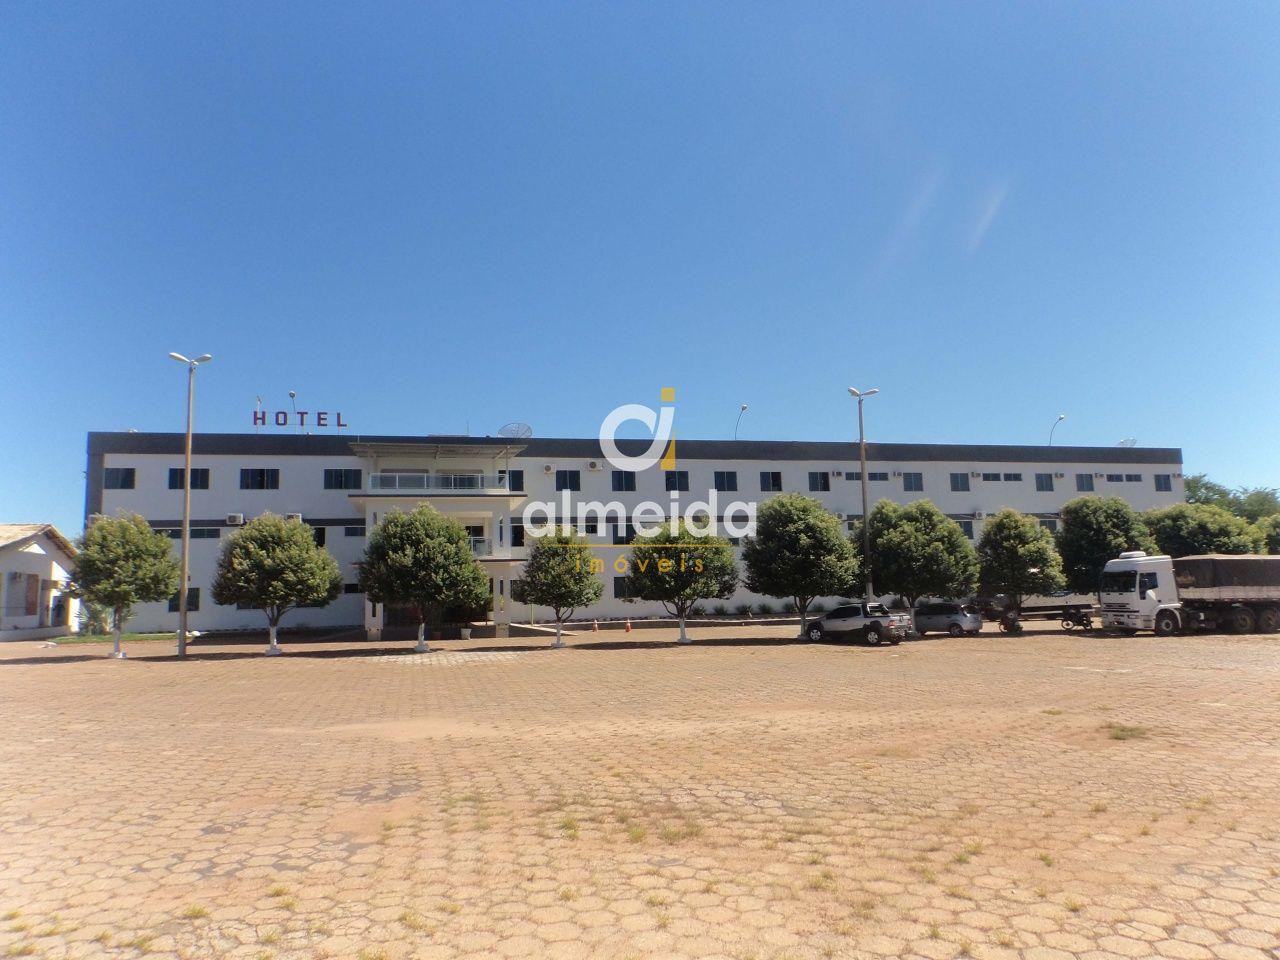 Imóvel comercial à venda  no Jardim das Bandeiras - Gurupi, TO. Imóveis